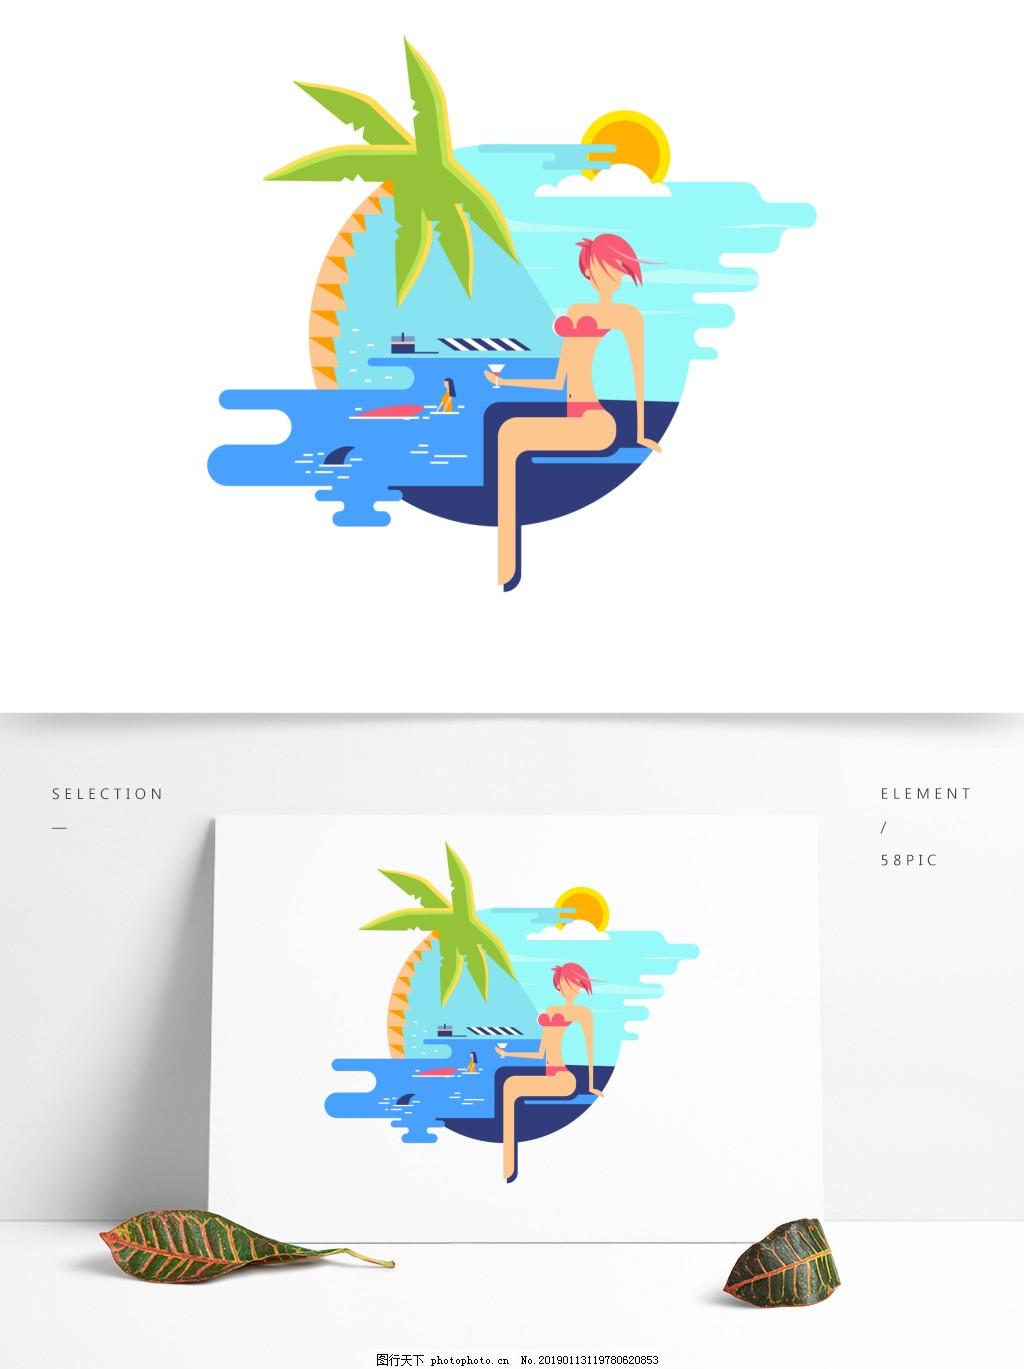 海滩度假高纯度肌理简约卡通风,卡通简约,欧美风,插图,放假休闲